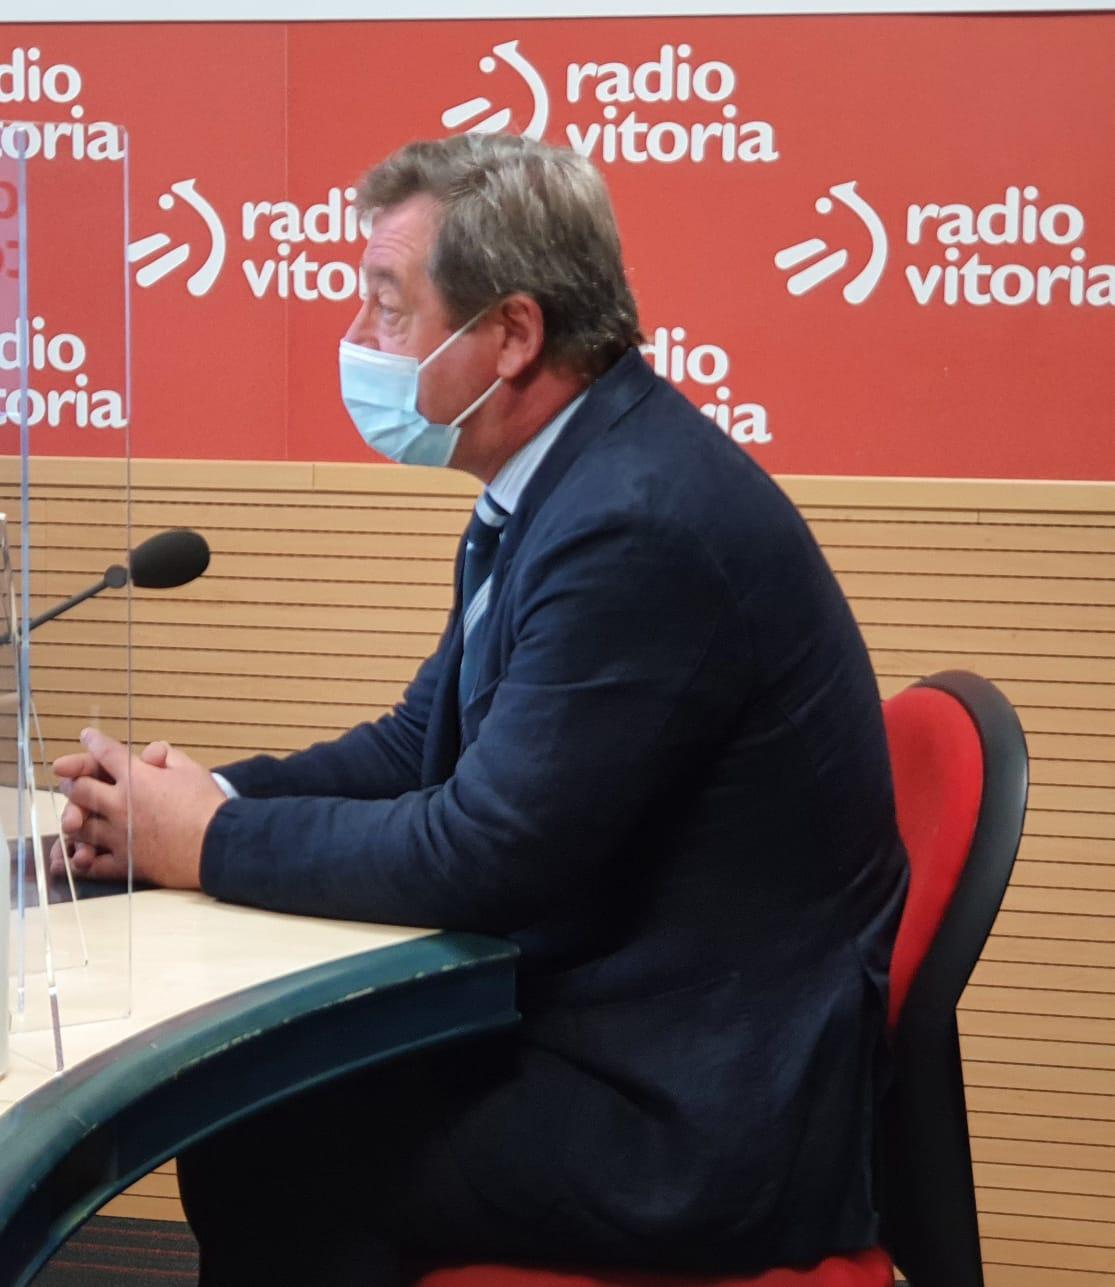 """Bingen Zupiria: """"Es importante cumplir las medidas, en gran parte impedir el contagio depende de cada uno de nosotros y nosotras"""" [0:00]"""